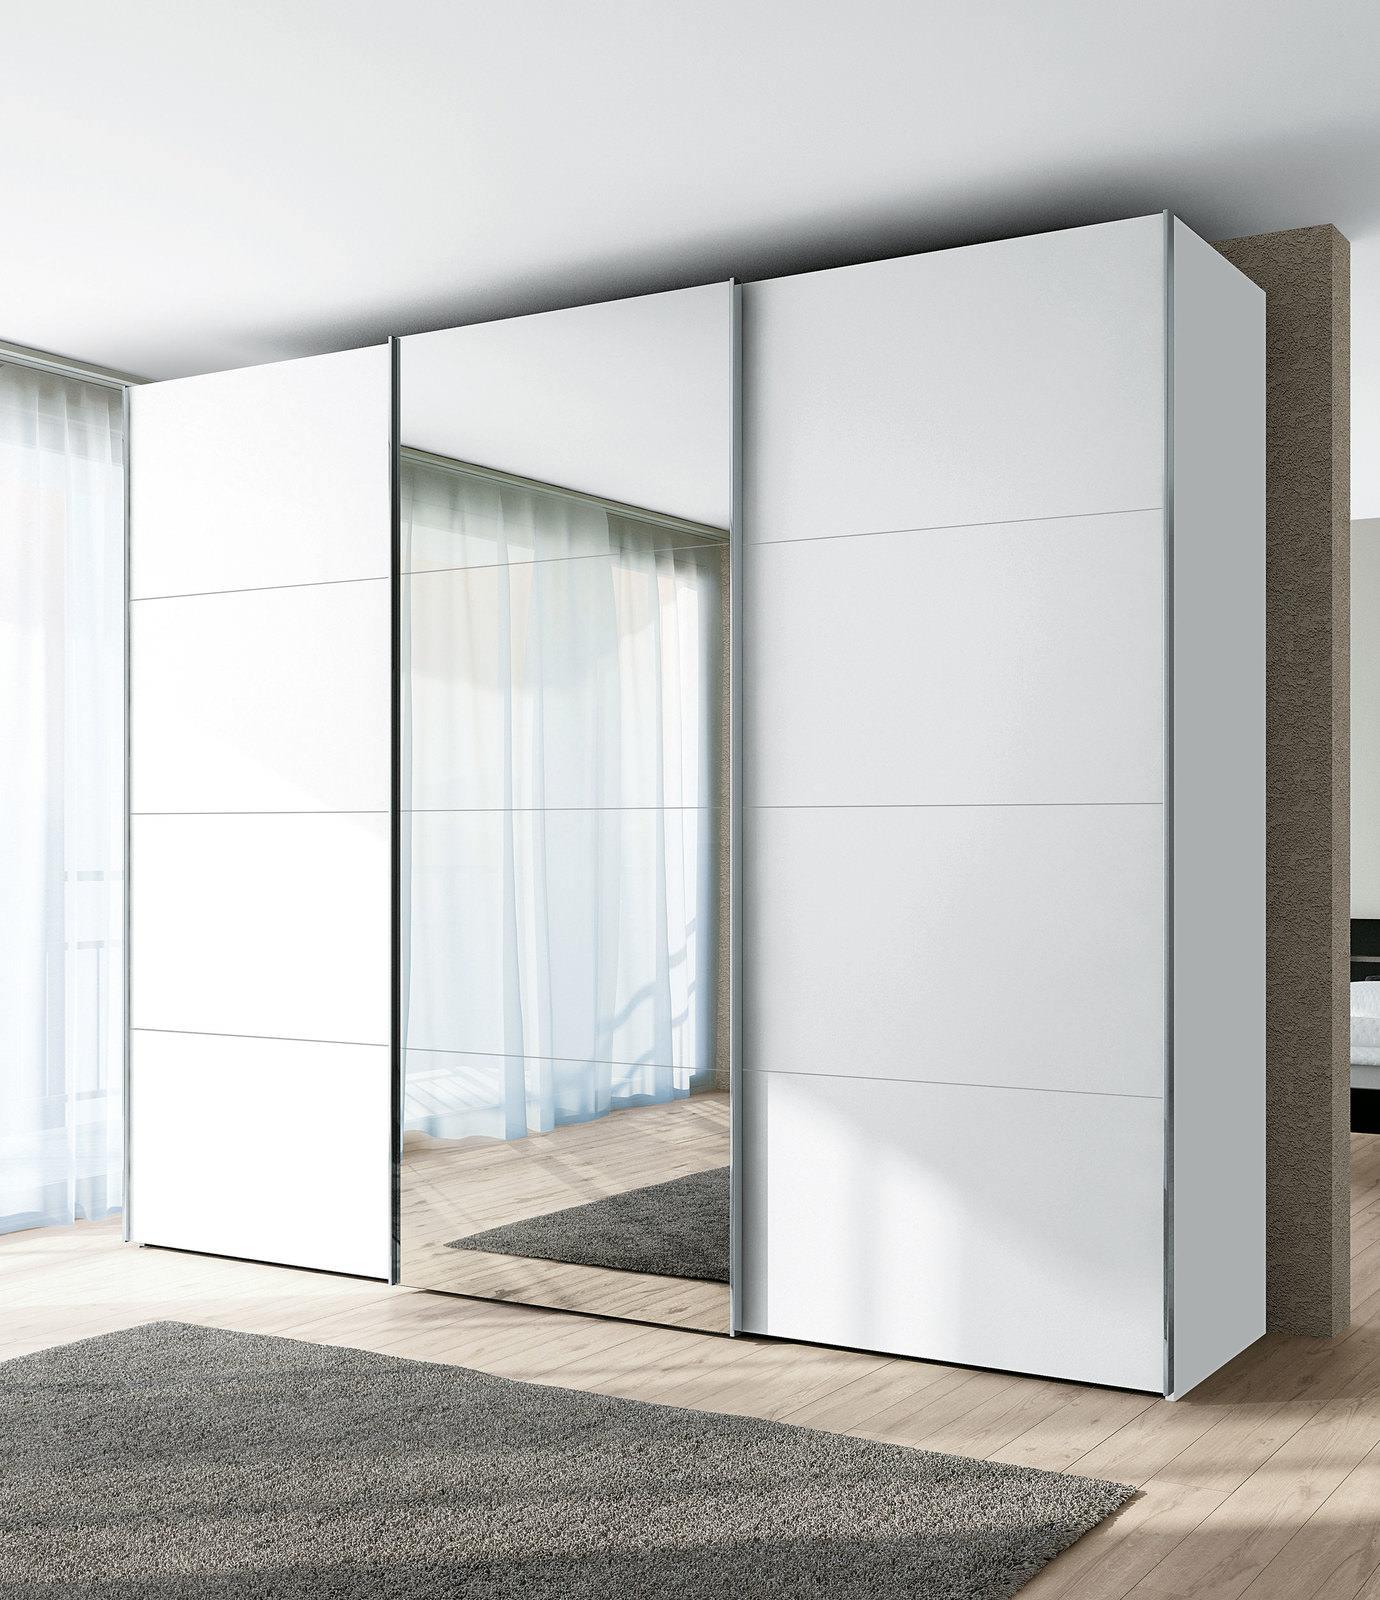 jutzler schwebet renschrank online entdecken schaffrath. Black Bedroom Furniture Sets. Home Design Ideas